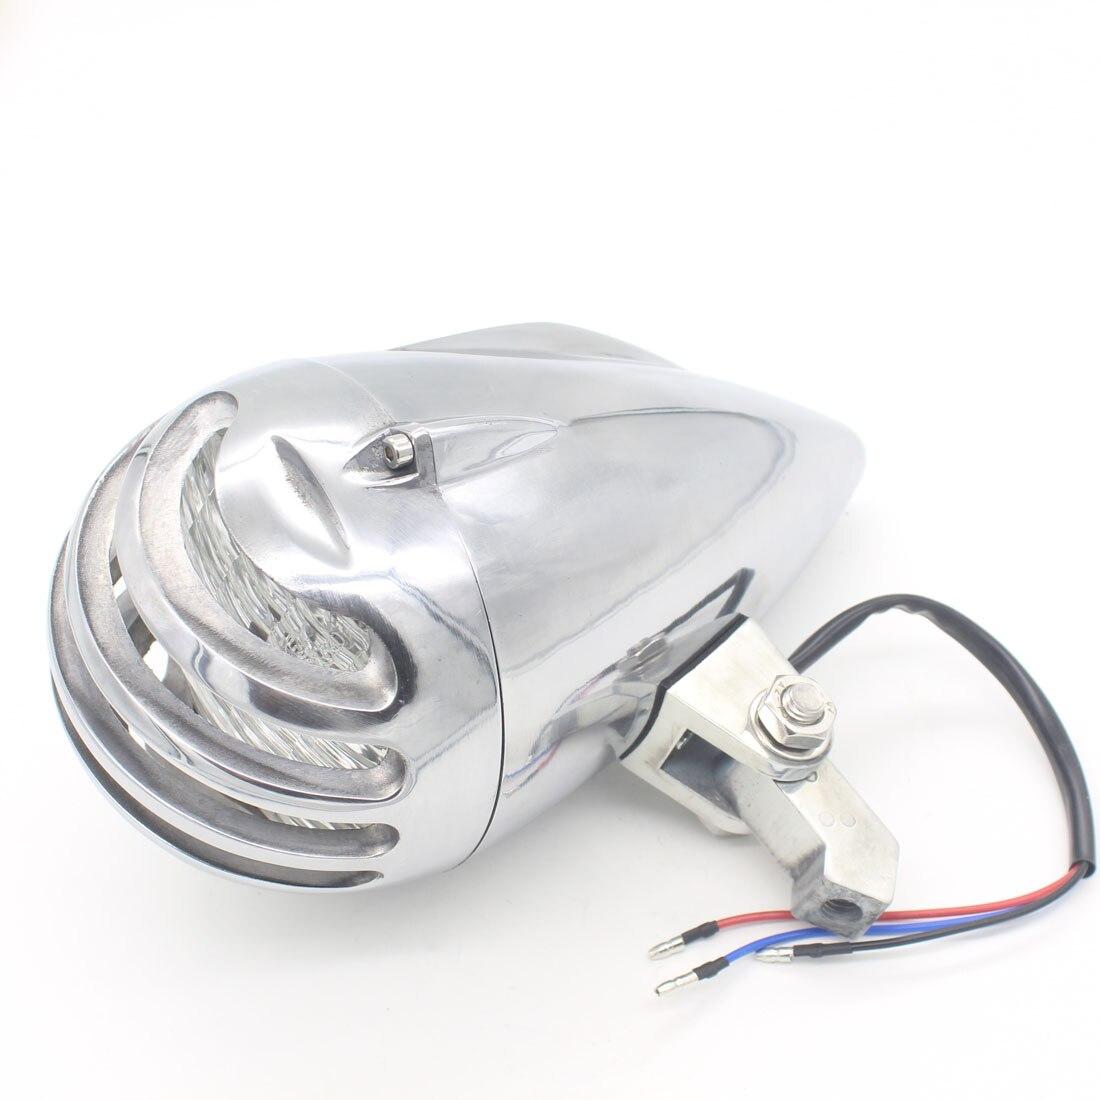 Dongzhen 1X Chrome Silver Bullet забор LED вождения мотоцикла свет фар Туман источник света ксеноновые универсальный, подходит для Harley